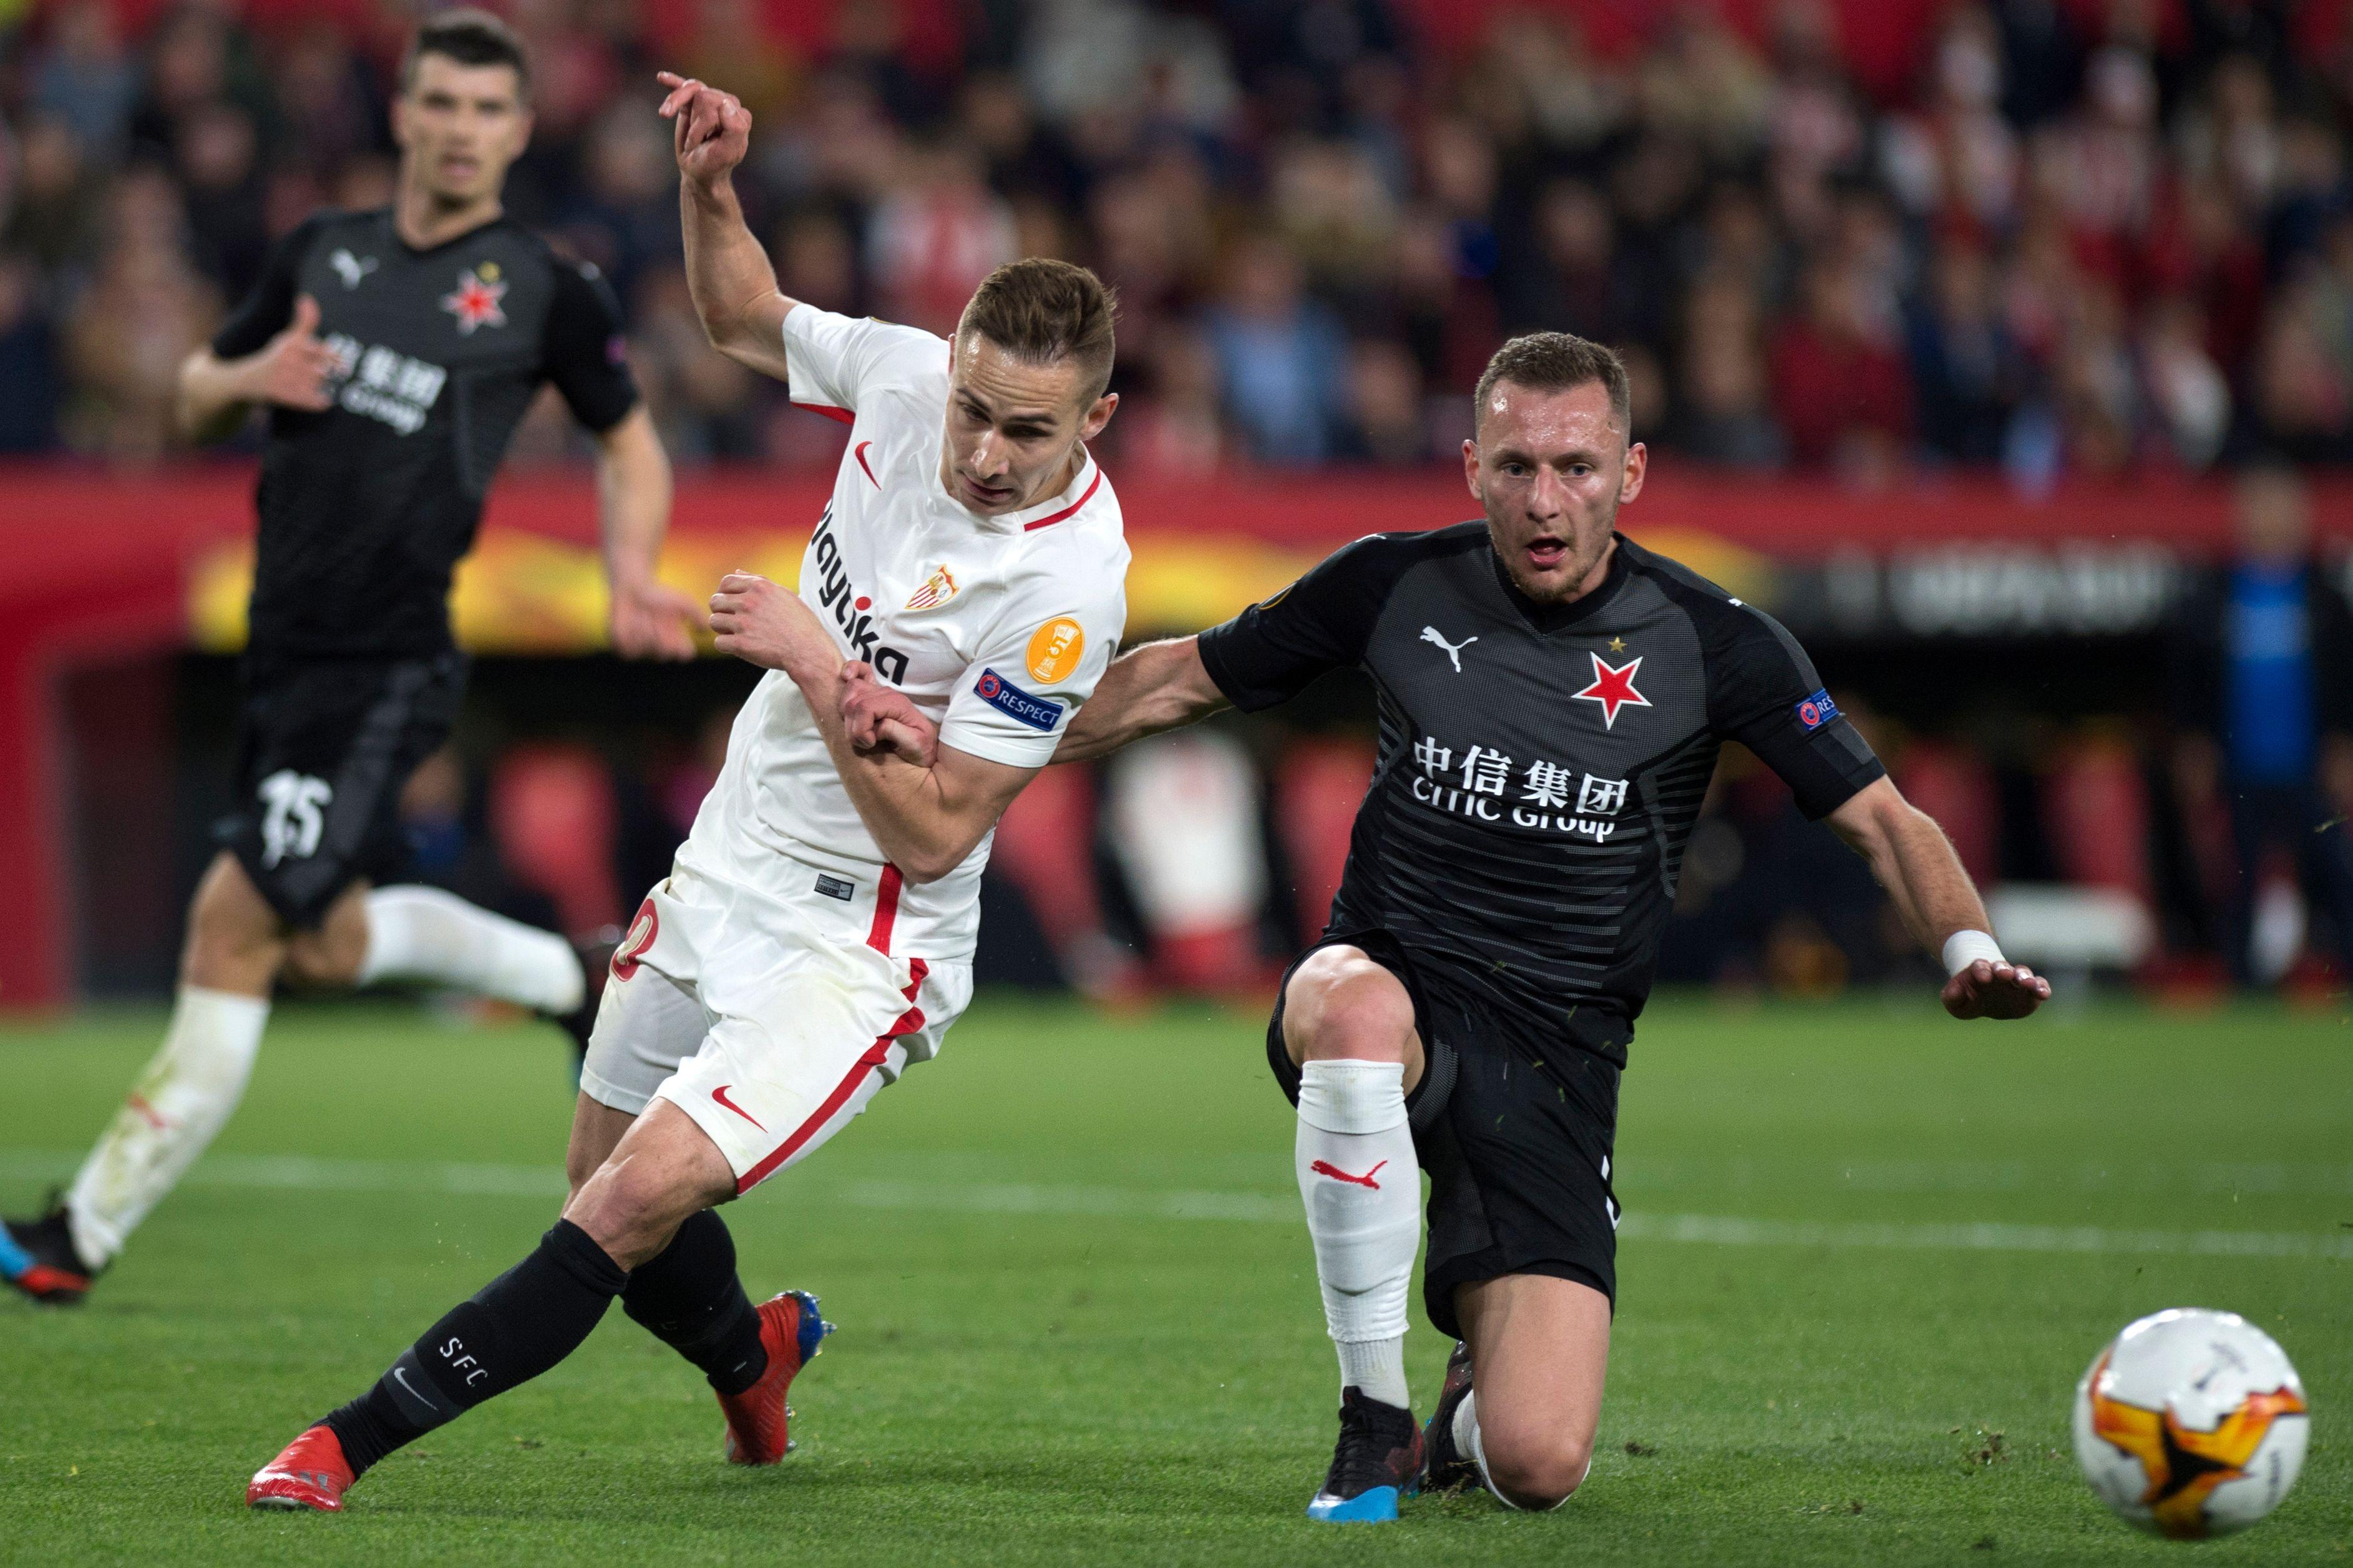 El Sevilla fue sorprendido por el Slavia de Praga, en el juego de ida disputado en el estadio Ramón Sánchez Pizjuán. (Foto Prensa Libre: AFP).